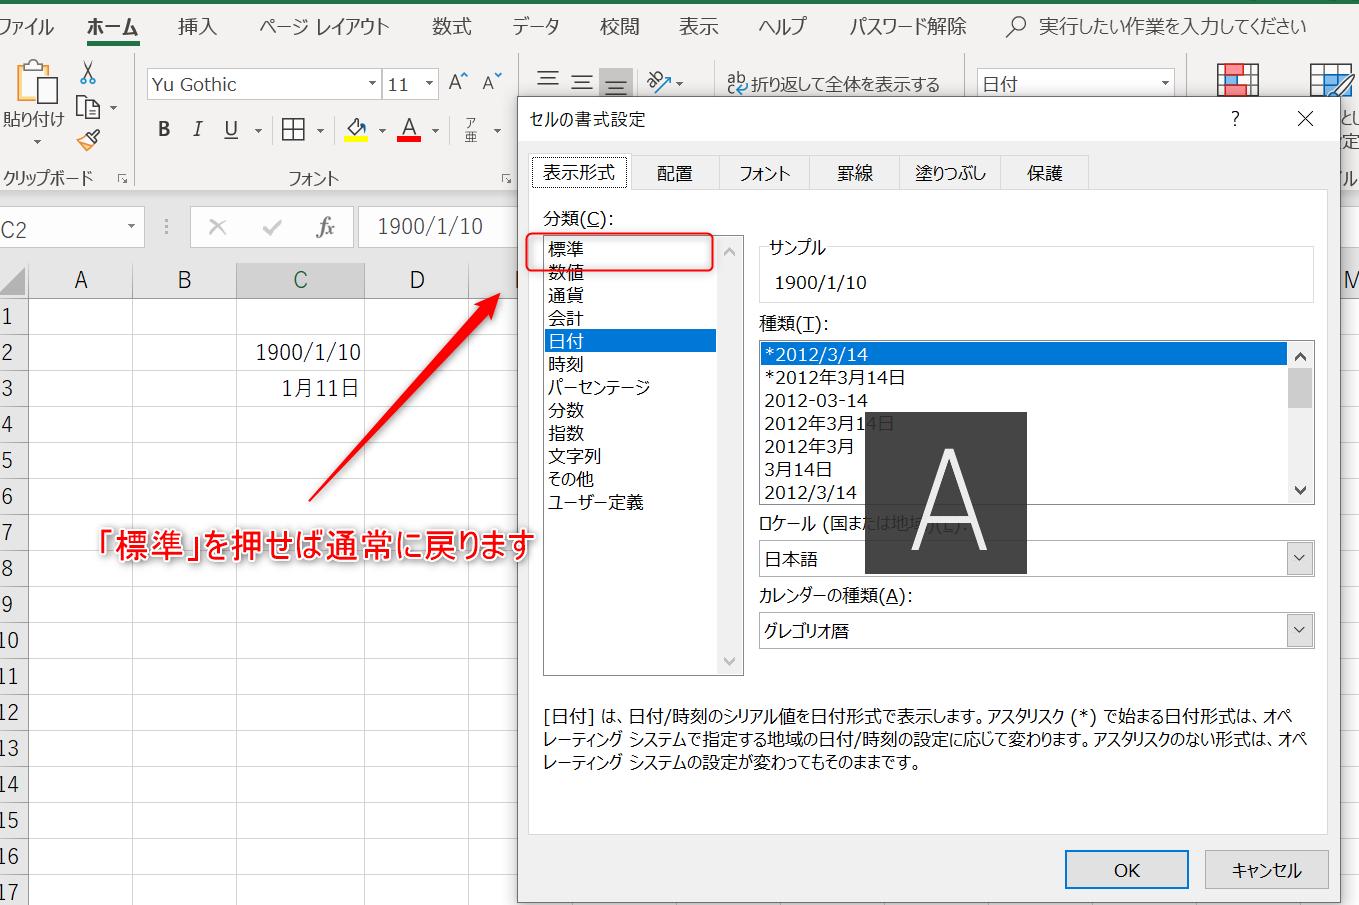 数値の書式設定の内容を示すエクセルの画像